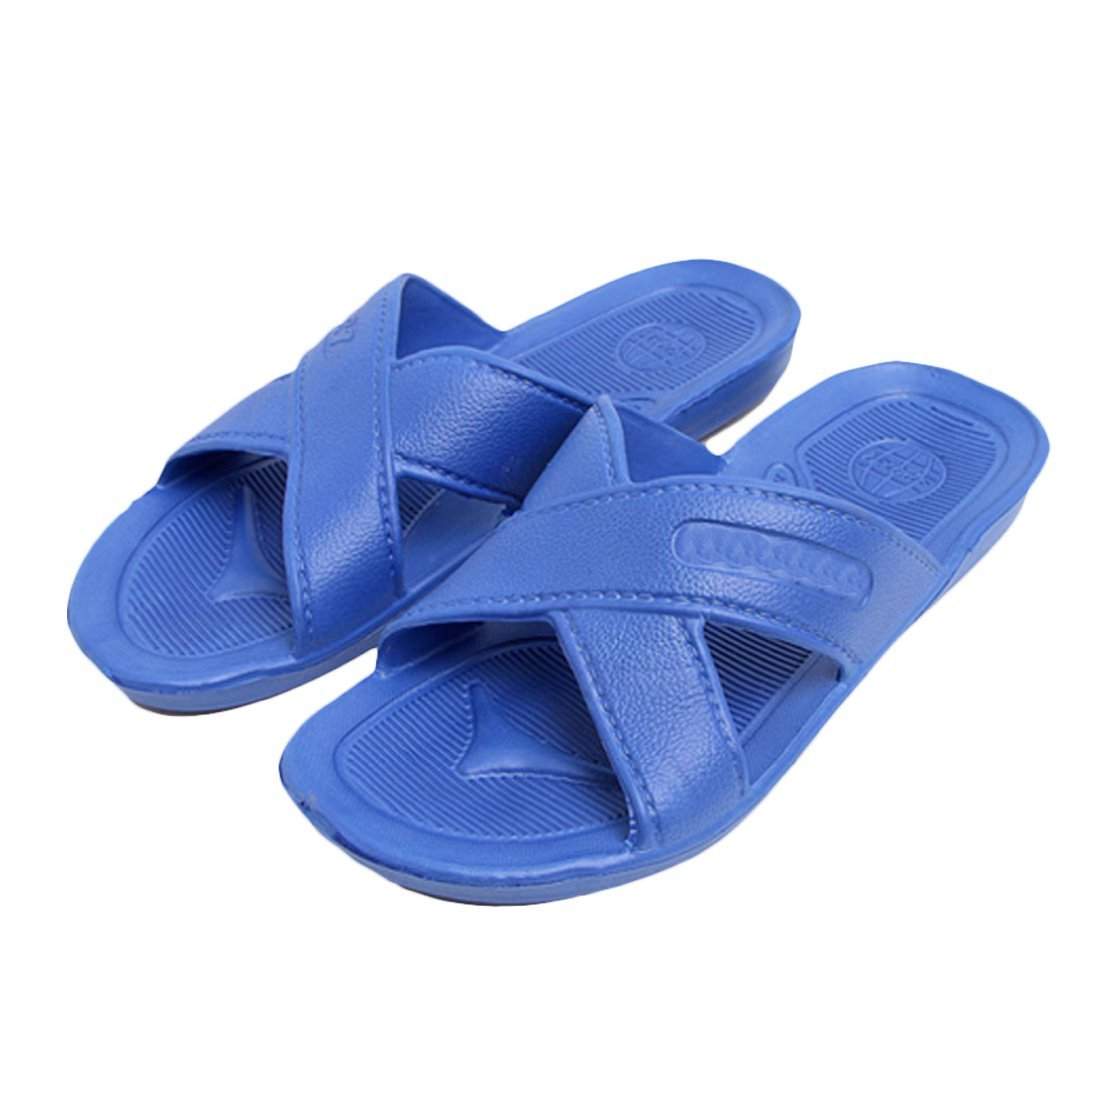 af4de8ca1b24f2 Voberry® Rubber Slide Sandal Slipper Comfortable Shower Beach Shoe Slip on  Flip Flop (Blue